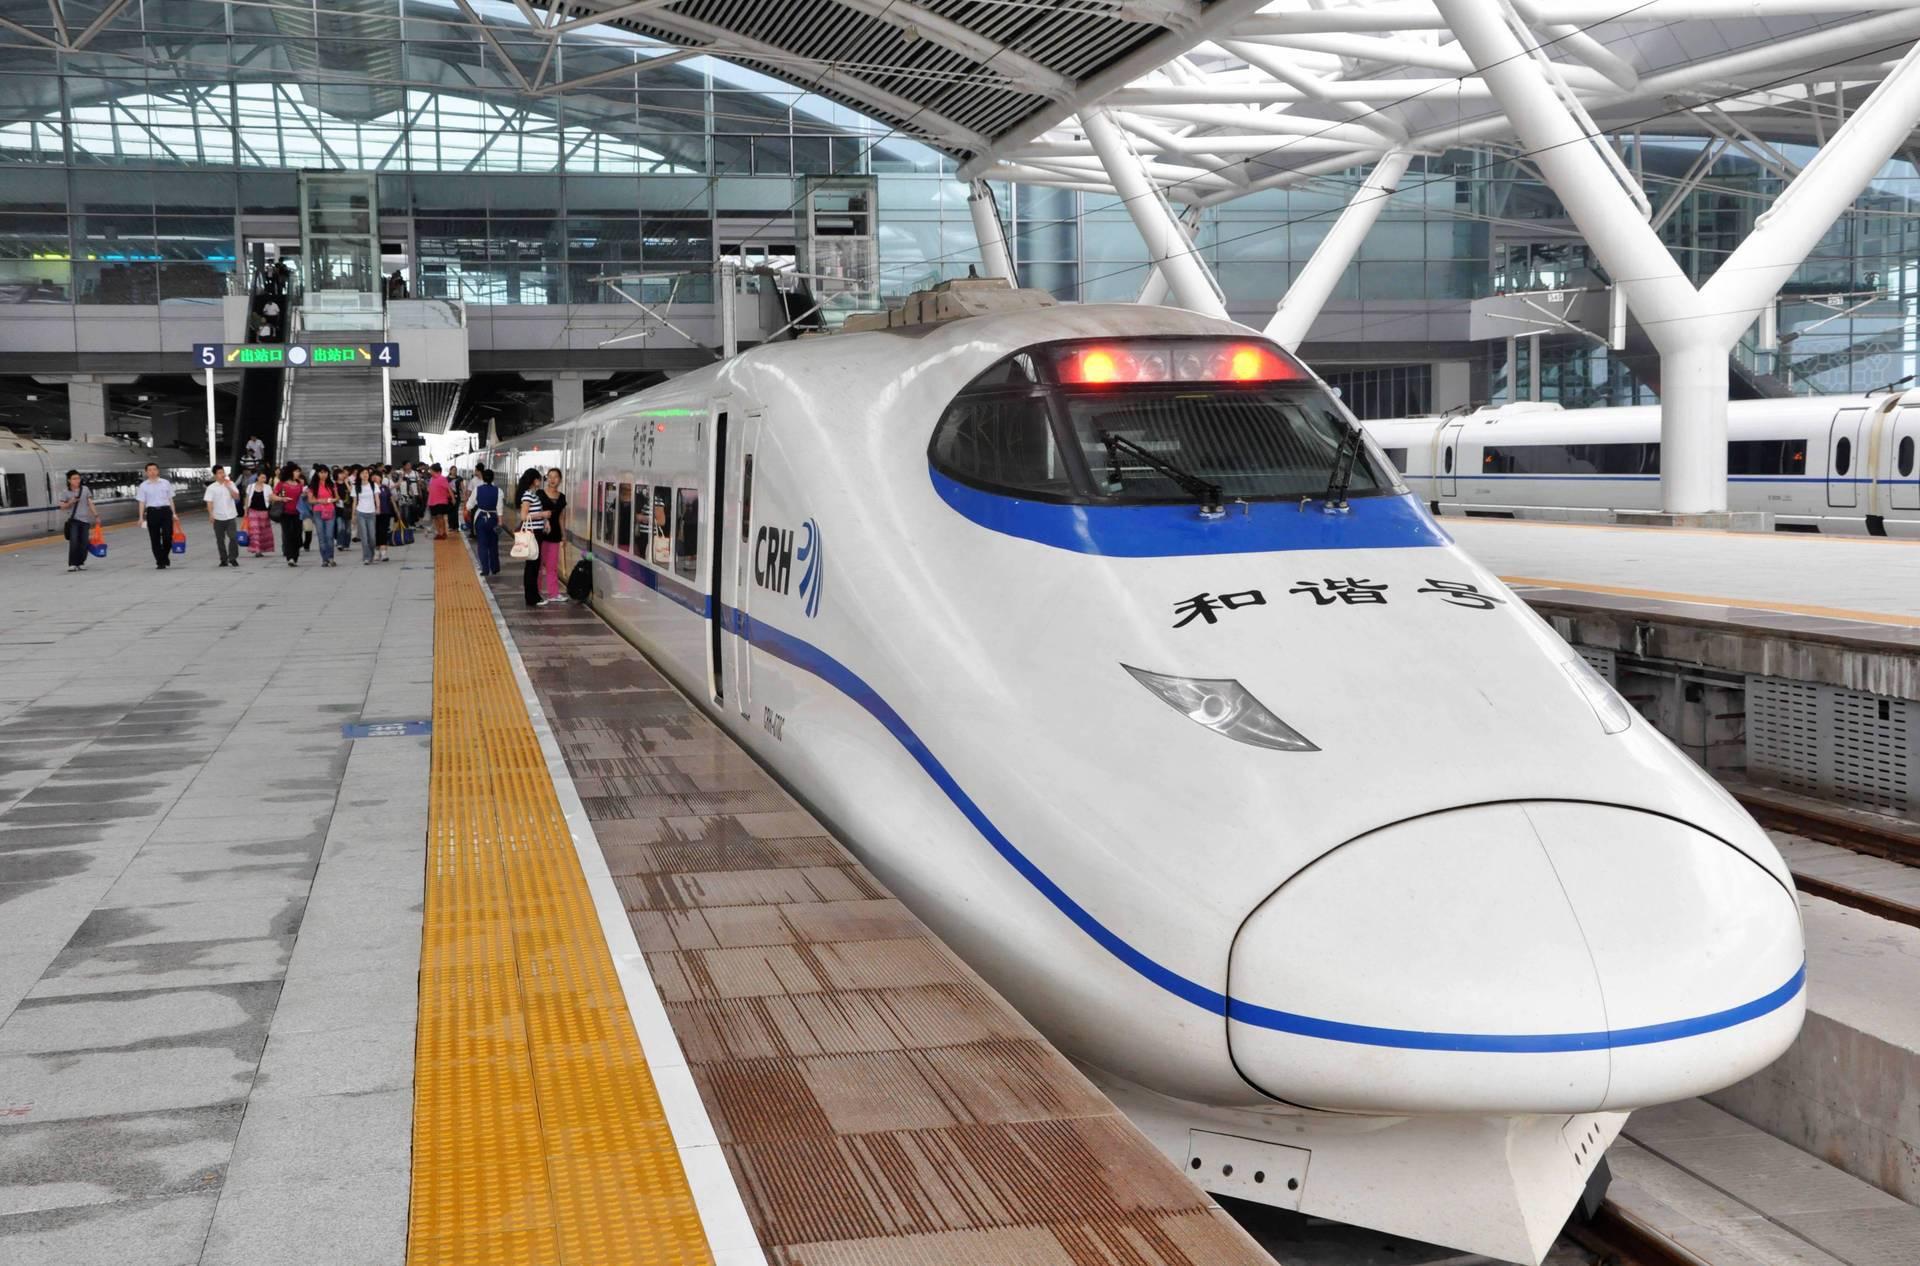 上海到南京高铁票